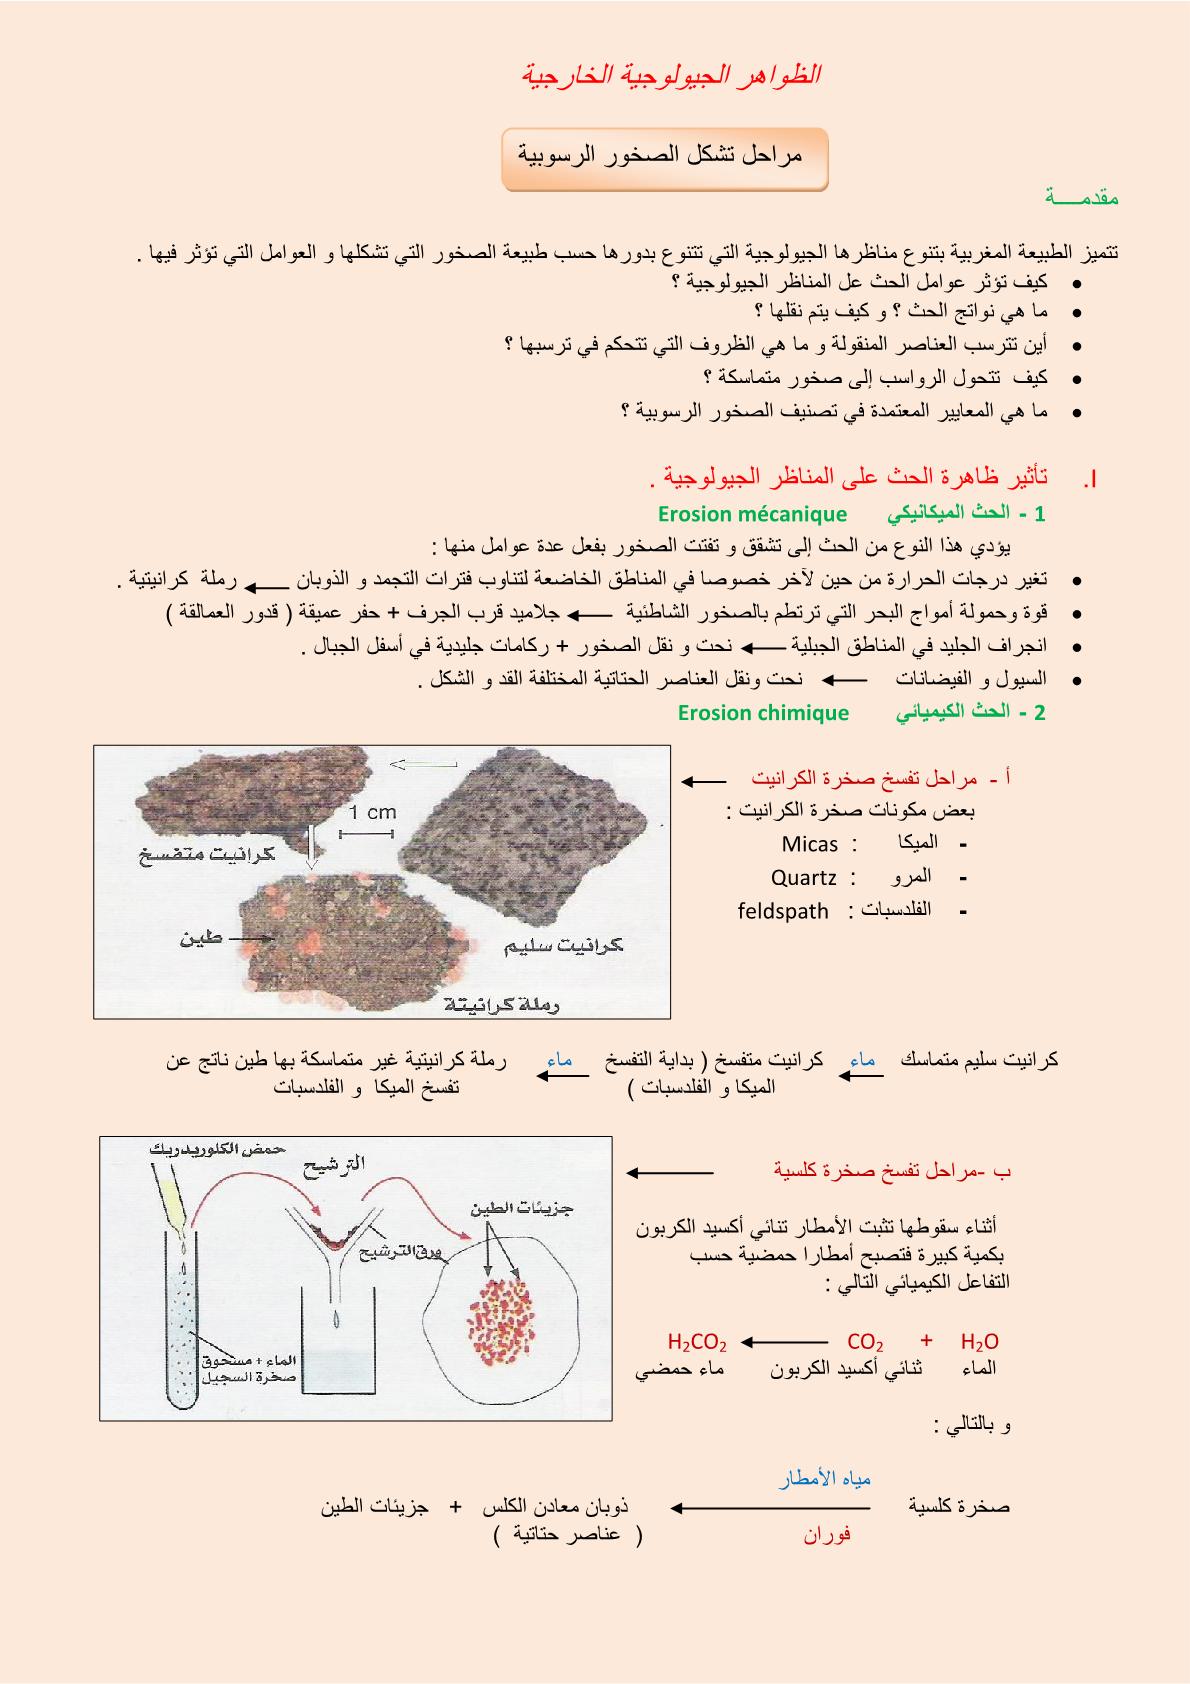 درس مراحل تشكل الصخور للمستوى الأولى إعدادي